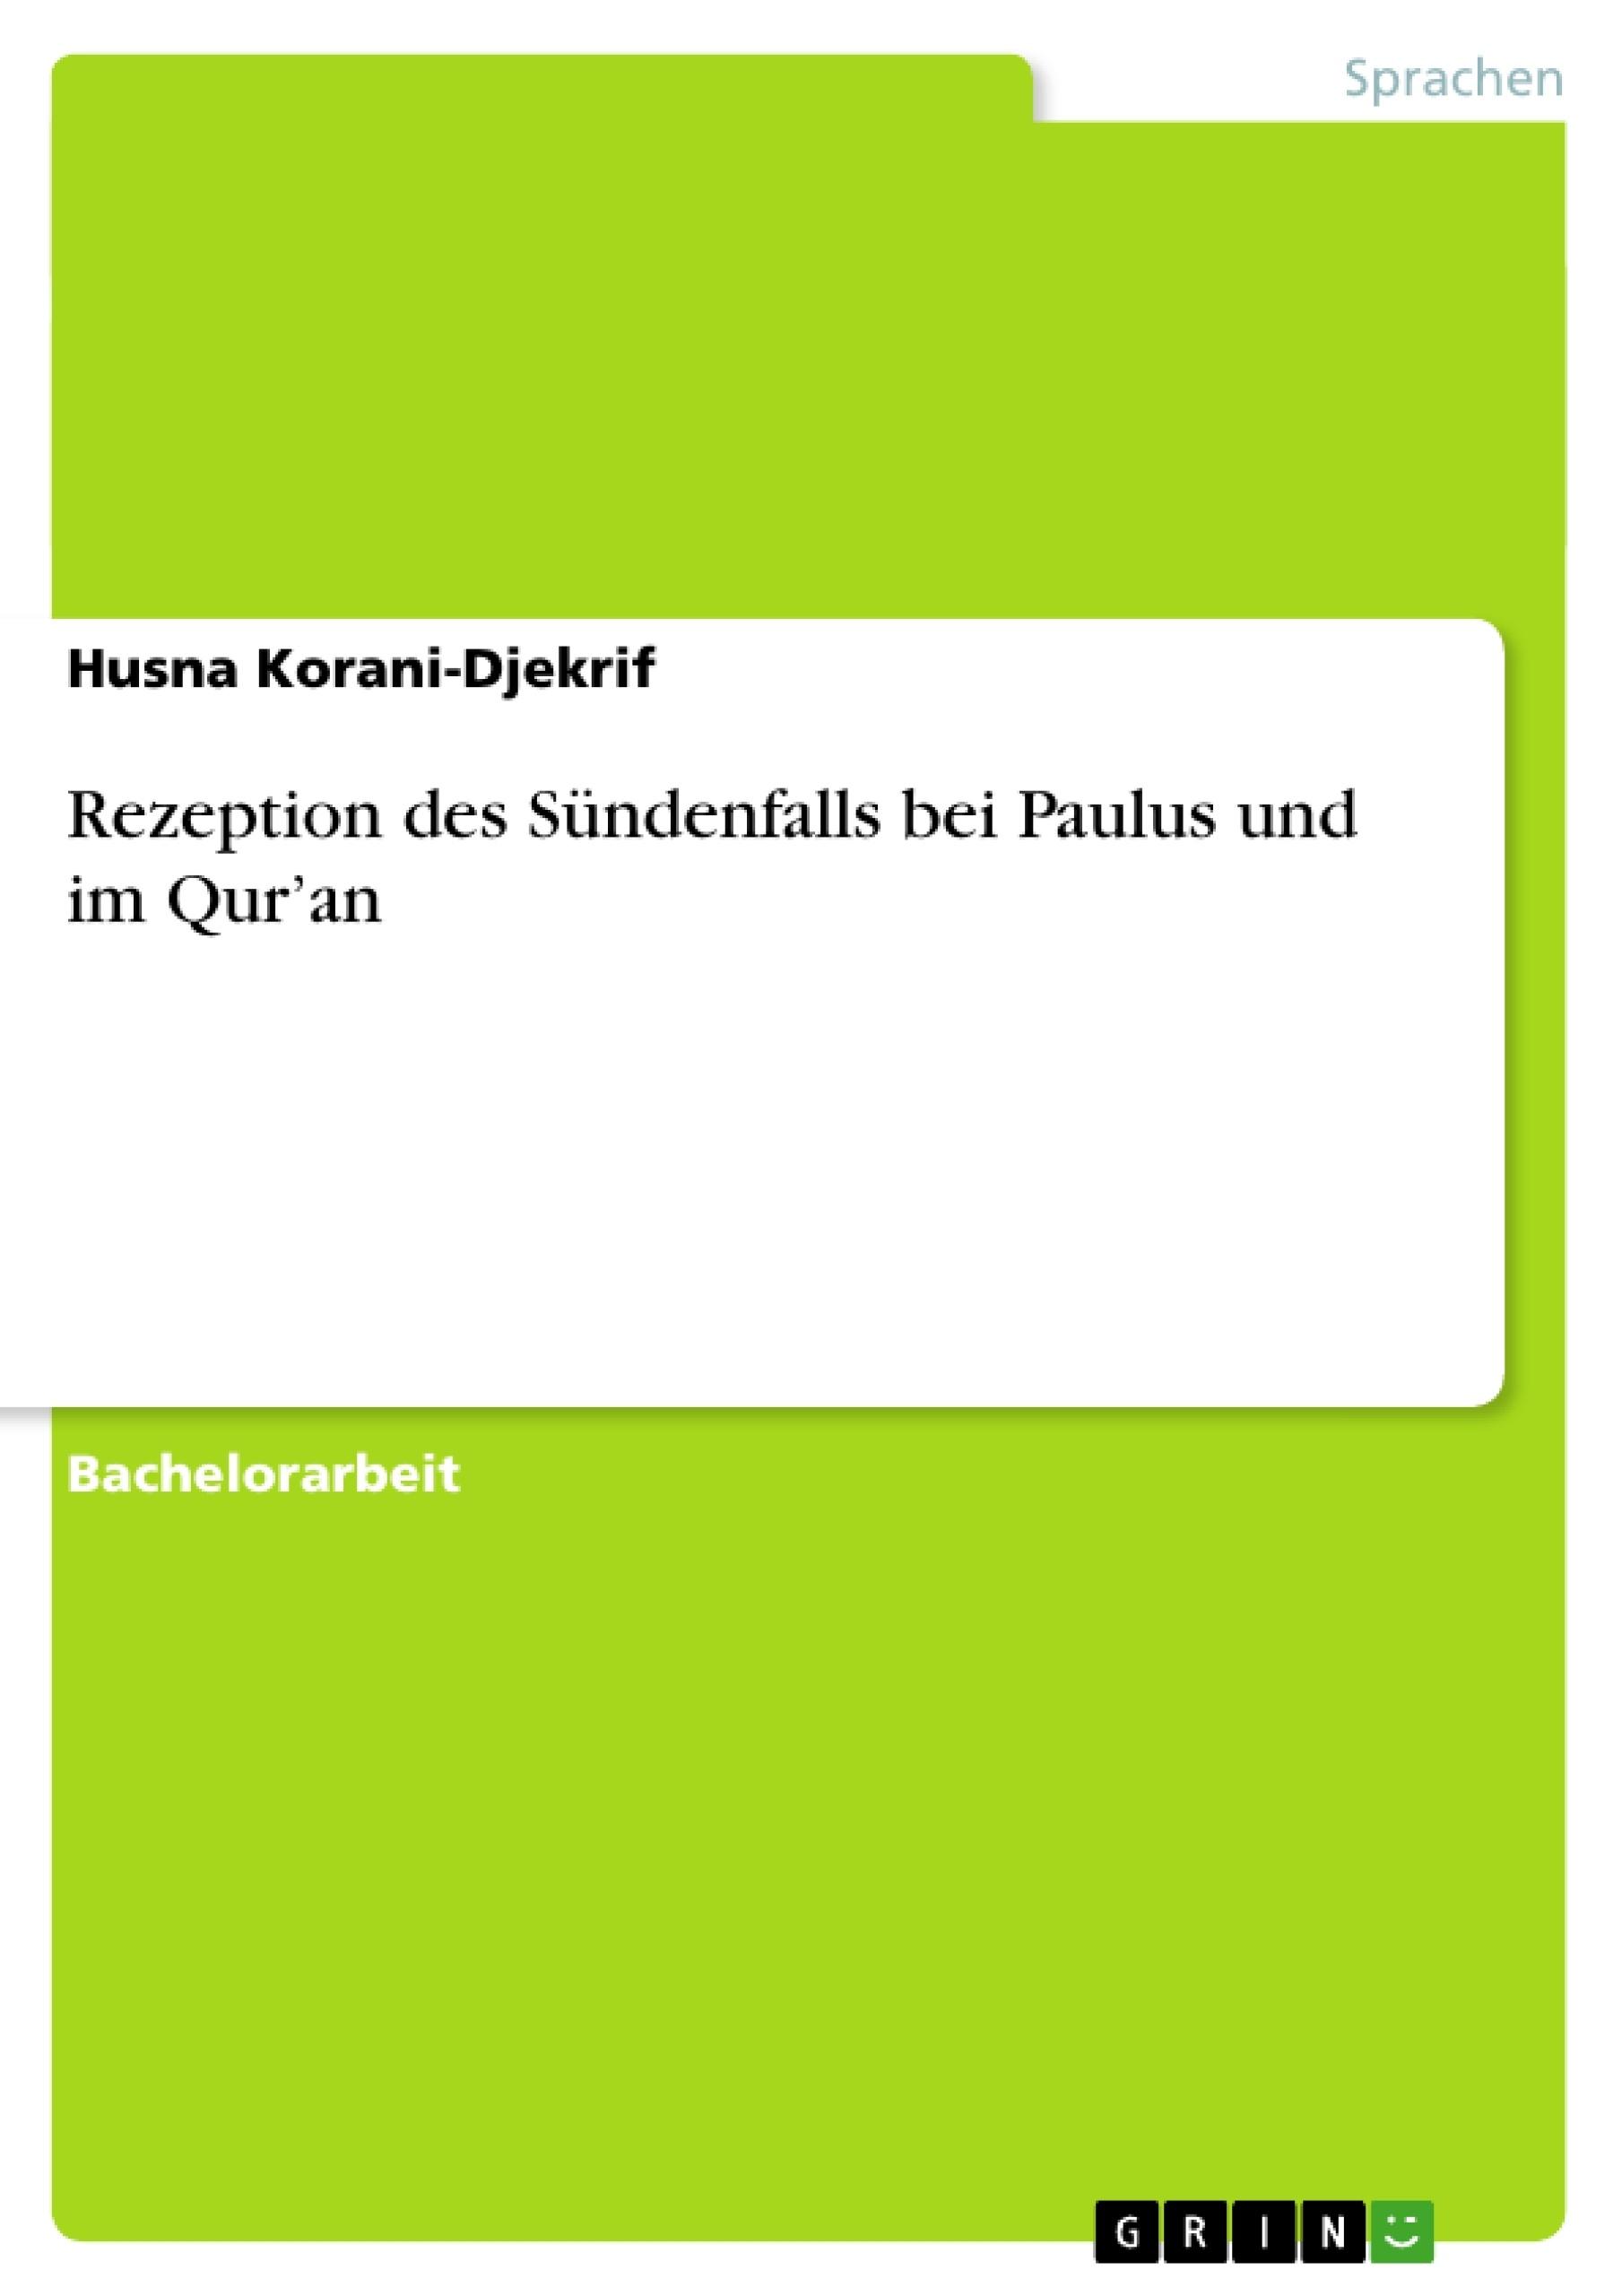 Titel: Rezeption des Sündenfalls bei Paulus und im Qur'an